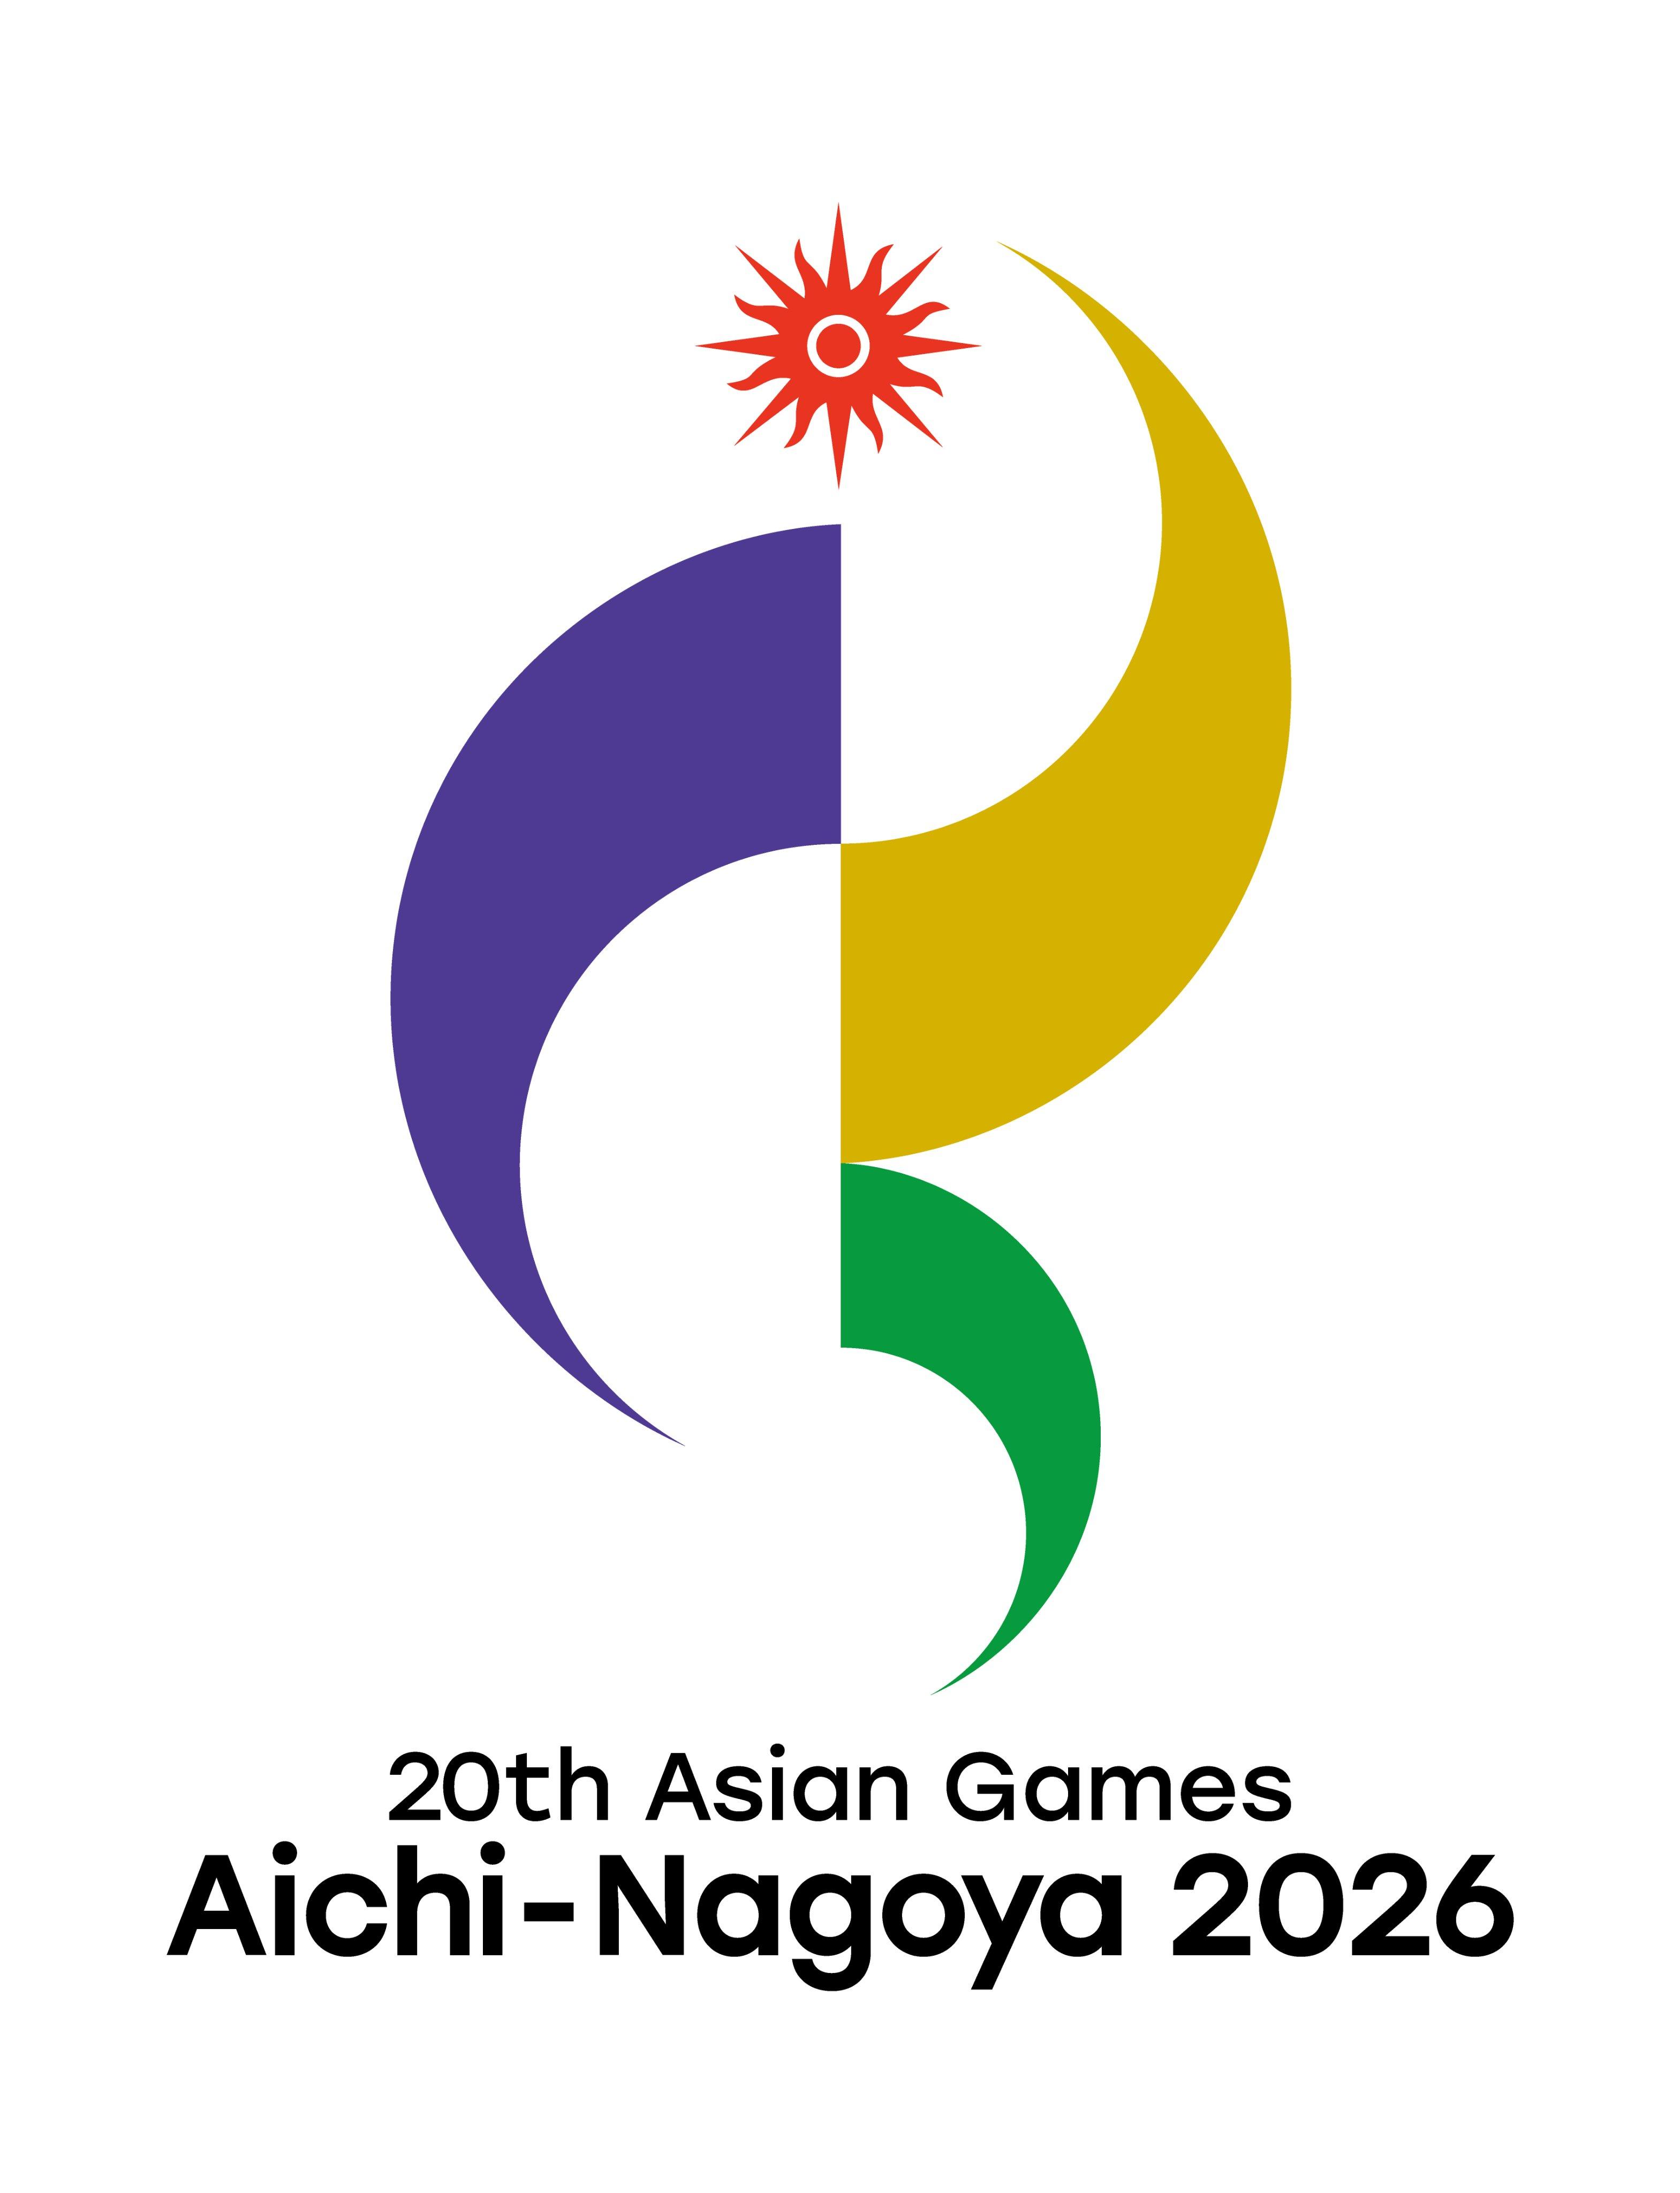 Aichi-Nagoya 2026